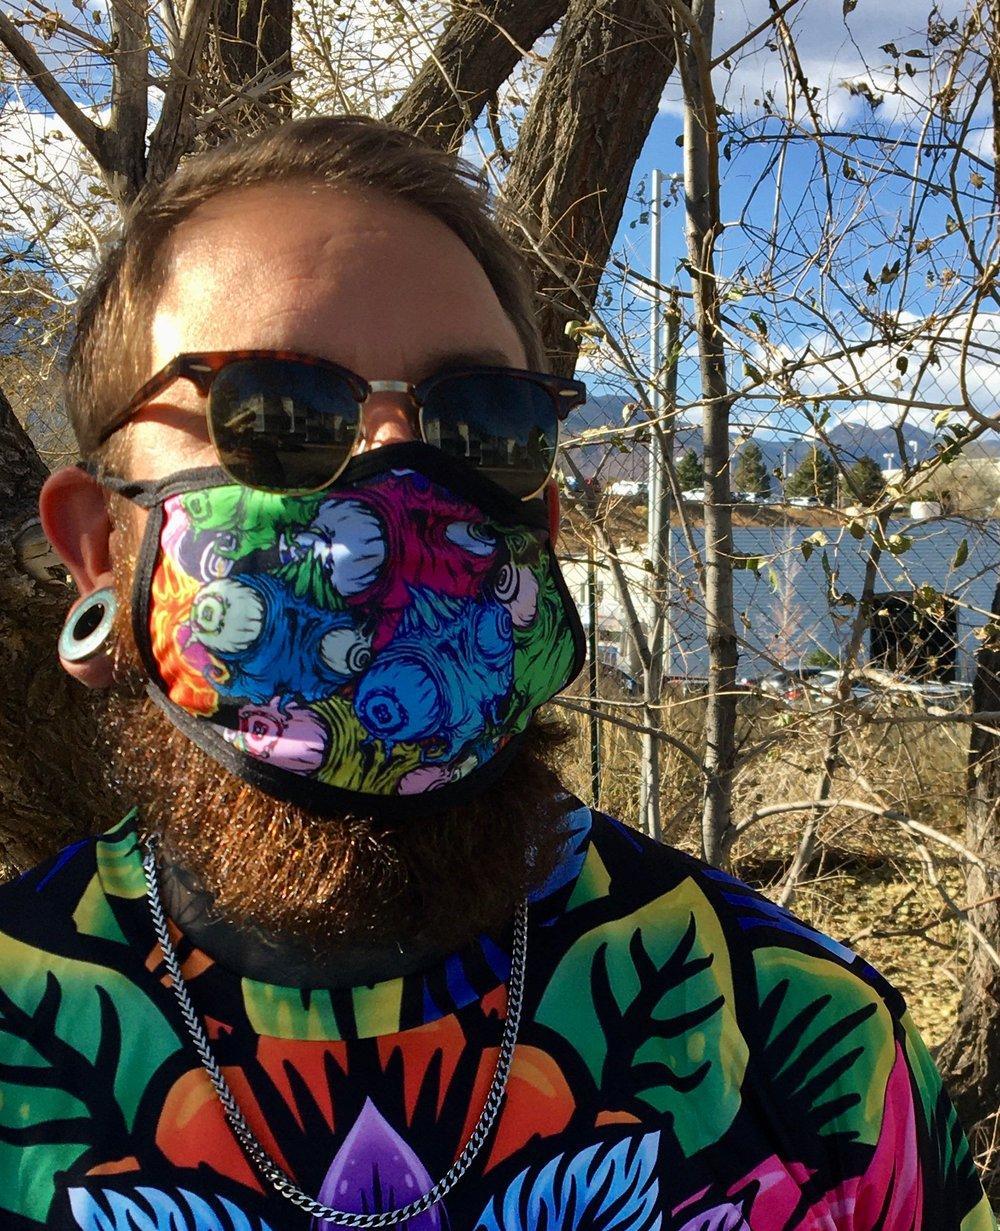 Image of Grom Alien Face Mask